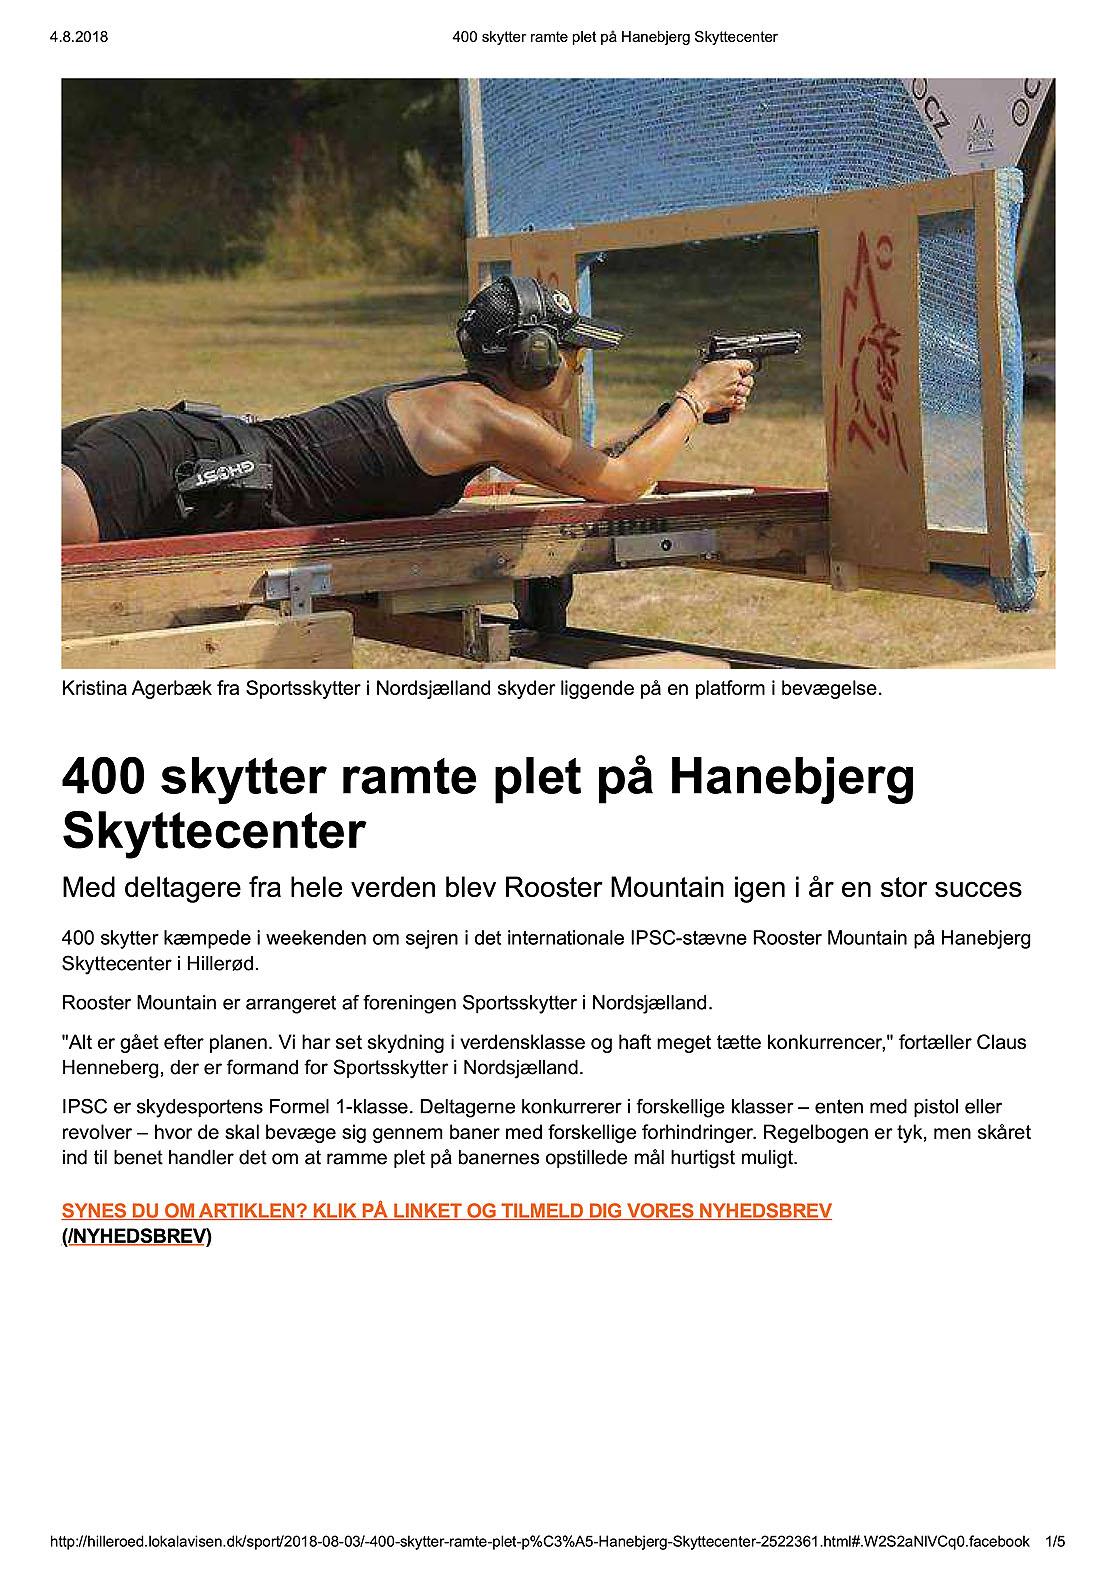 400 skytter ramte plet på Hanebjerg Skyttecenter-1.jpg